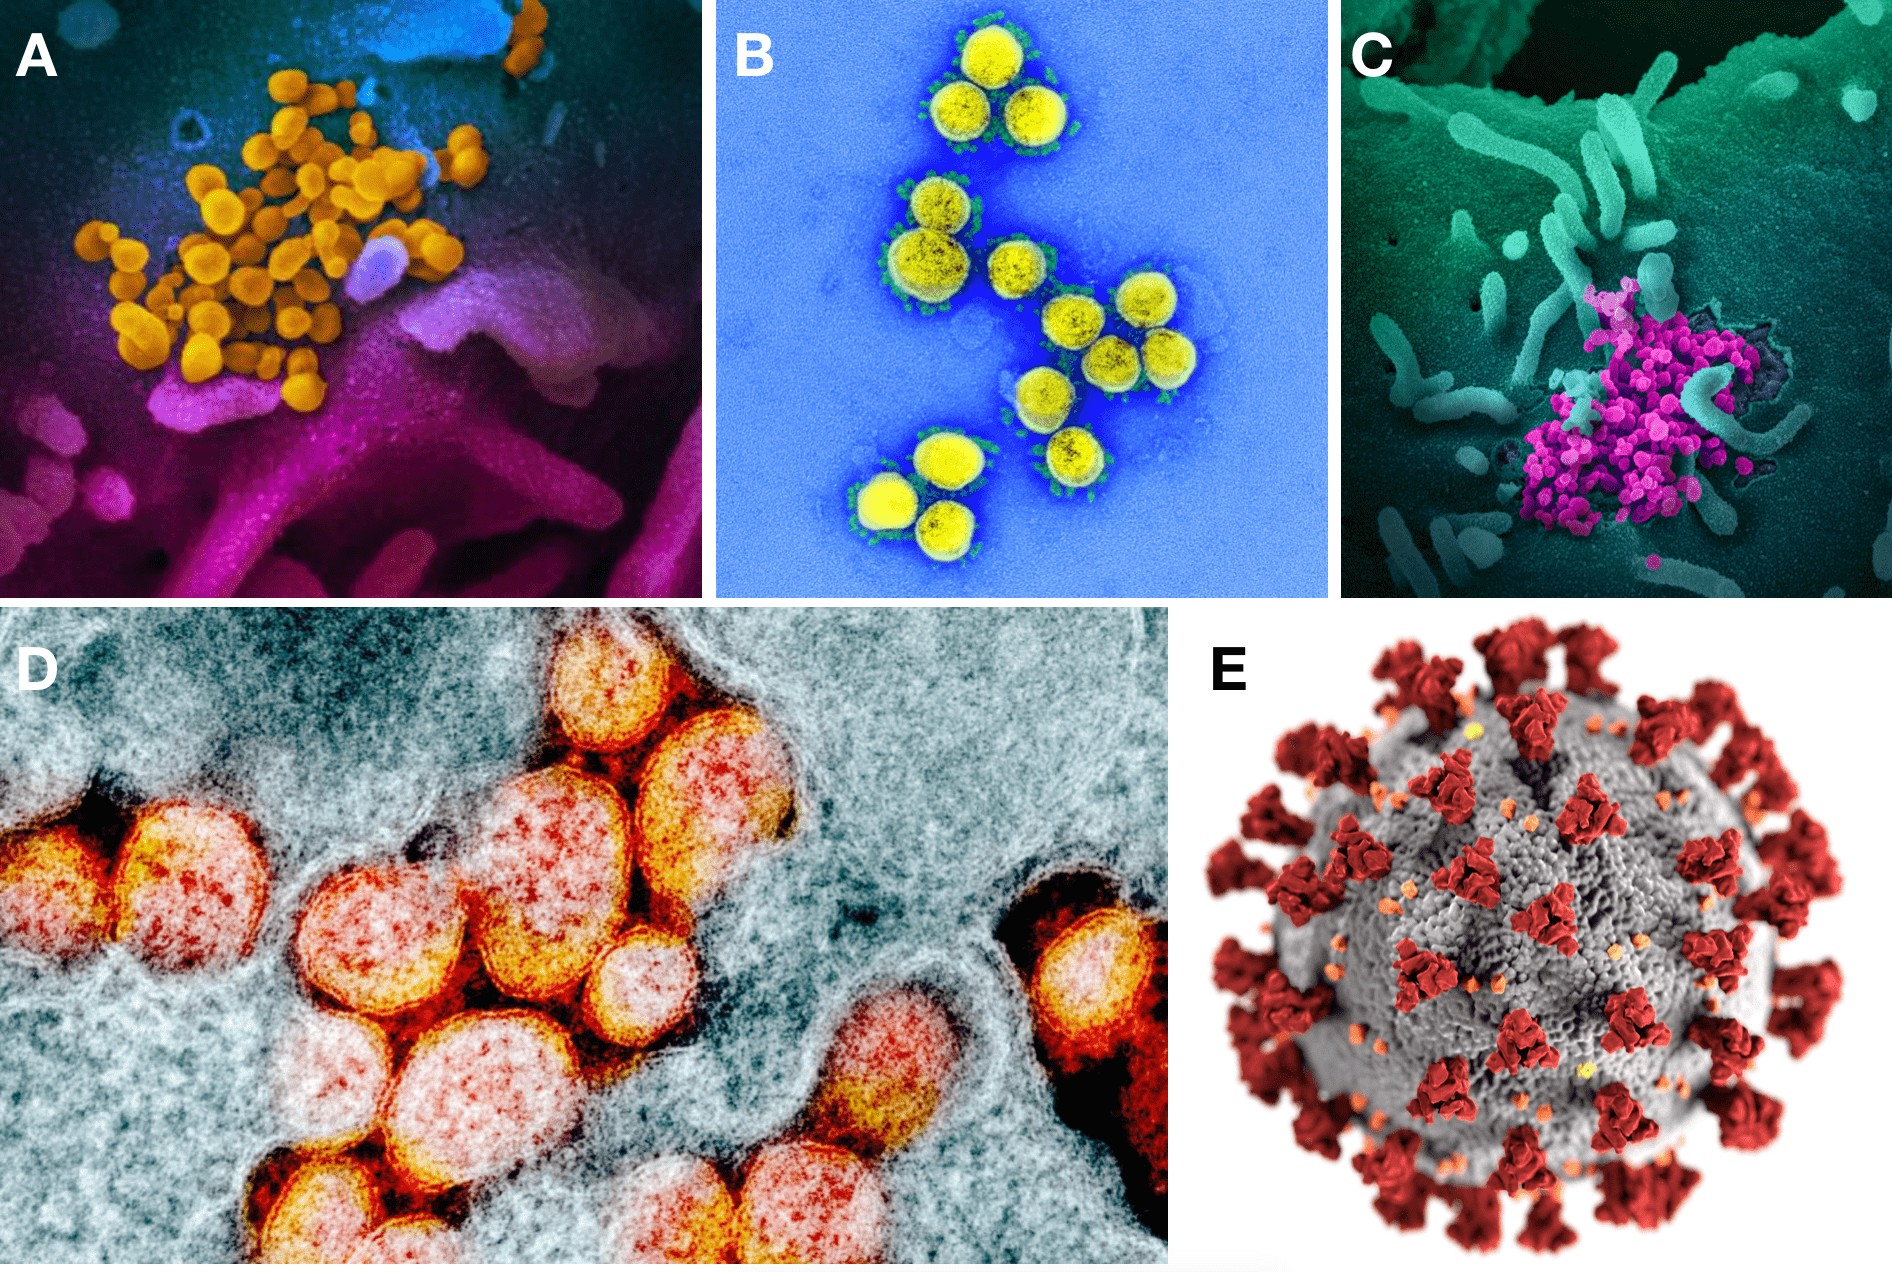 A, B, C, D: Primeiras imagens reais com cor falsa do coronavírus publicado em 13 de fevereiro de 2020 pelo NIAID. E: Primeiro modelo 3D de domínio público do coronavírus do CDC publicado em 30 de janeiro de 2020. (Foto: A, B, C, D, NIAID. E, Public Health Image Library (PHIL), de Alissa Eckert e Dan Higgins)